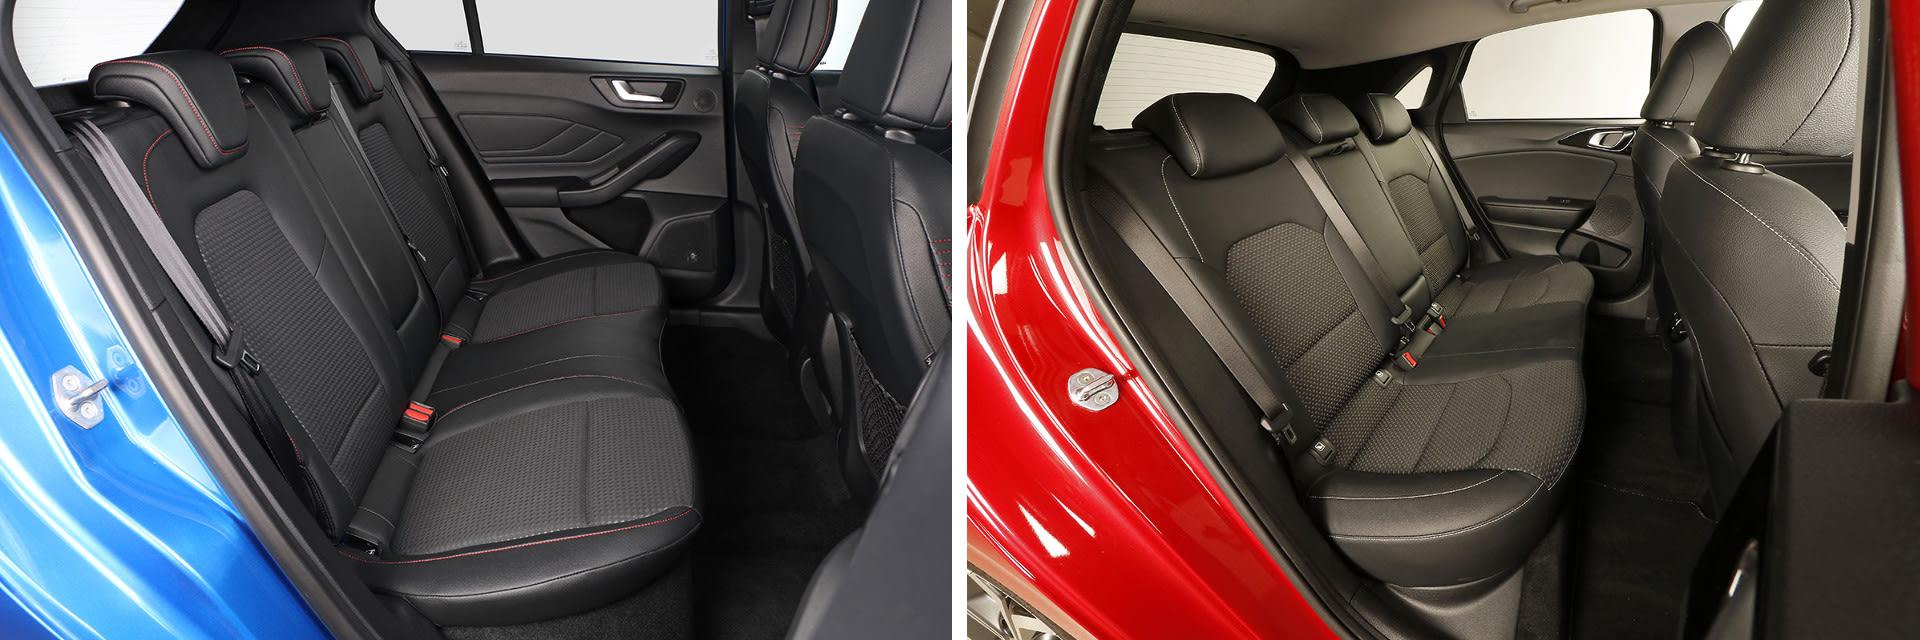 La parte trasera del Ford Focus (izq.) tiene más espacio para las piernas y es más ancho que el Ceed (dcha.)